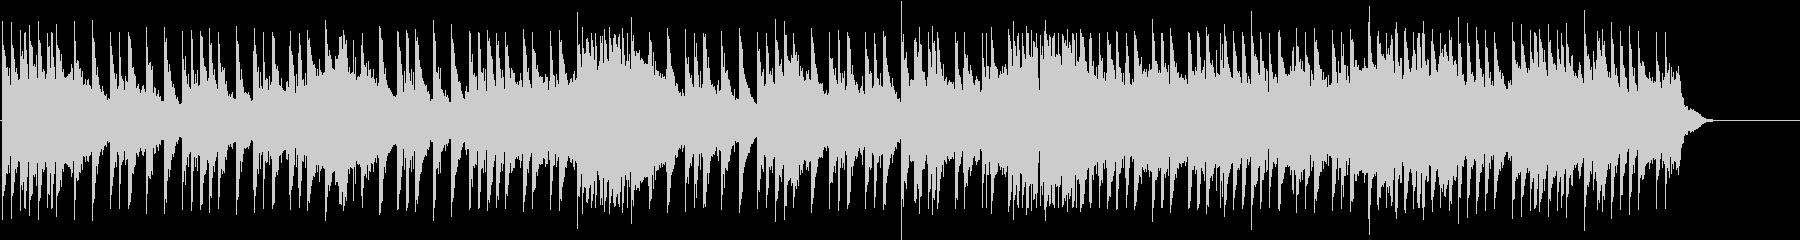 30秒の短いハードロック系ドラムソロの未再生の波形